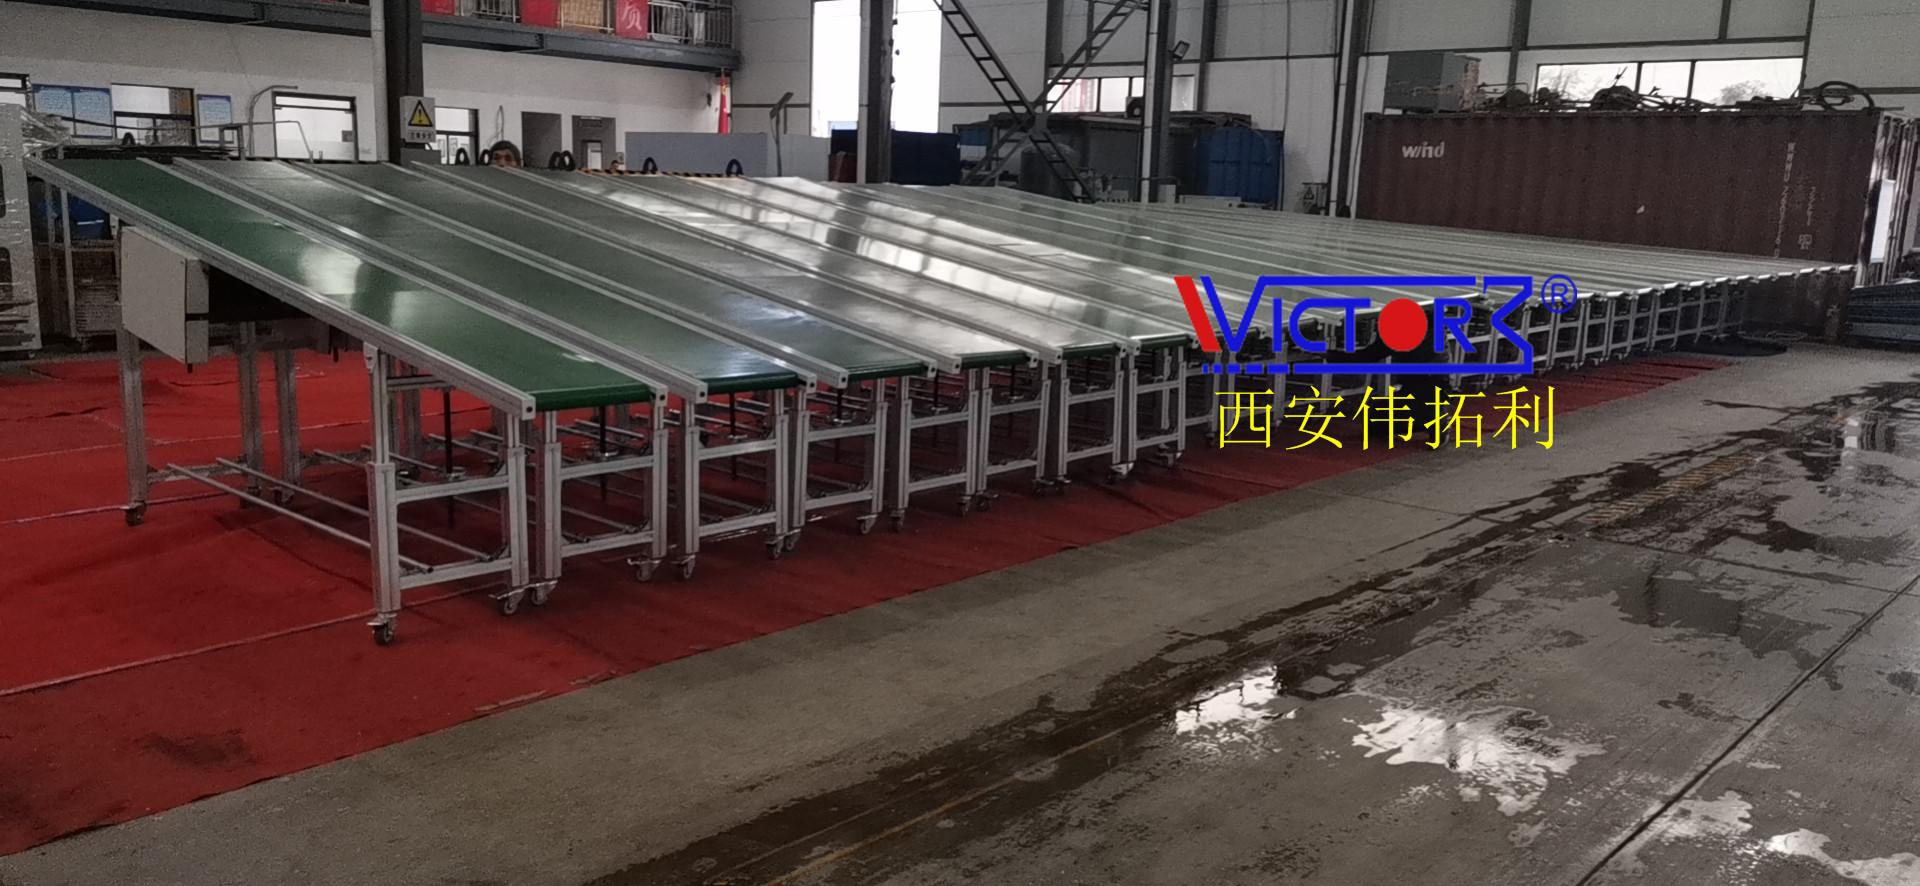 陕西输送设备www.xianwtl.cn